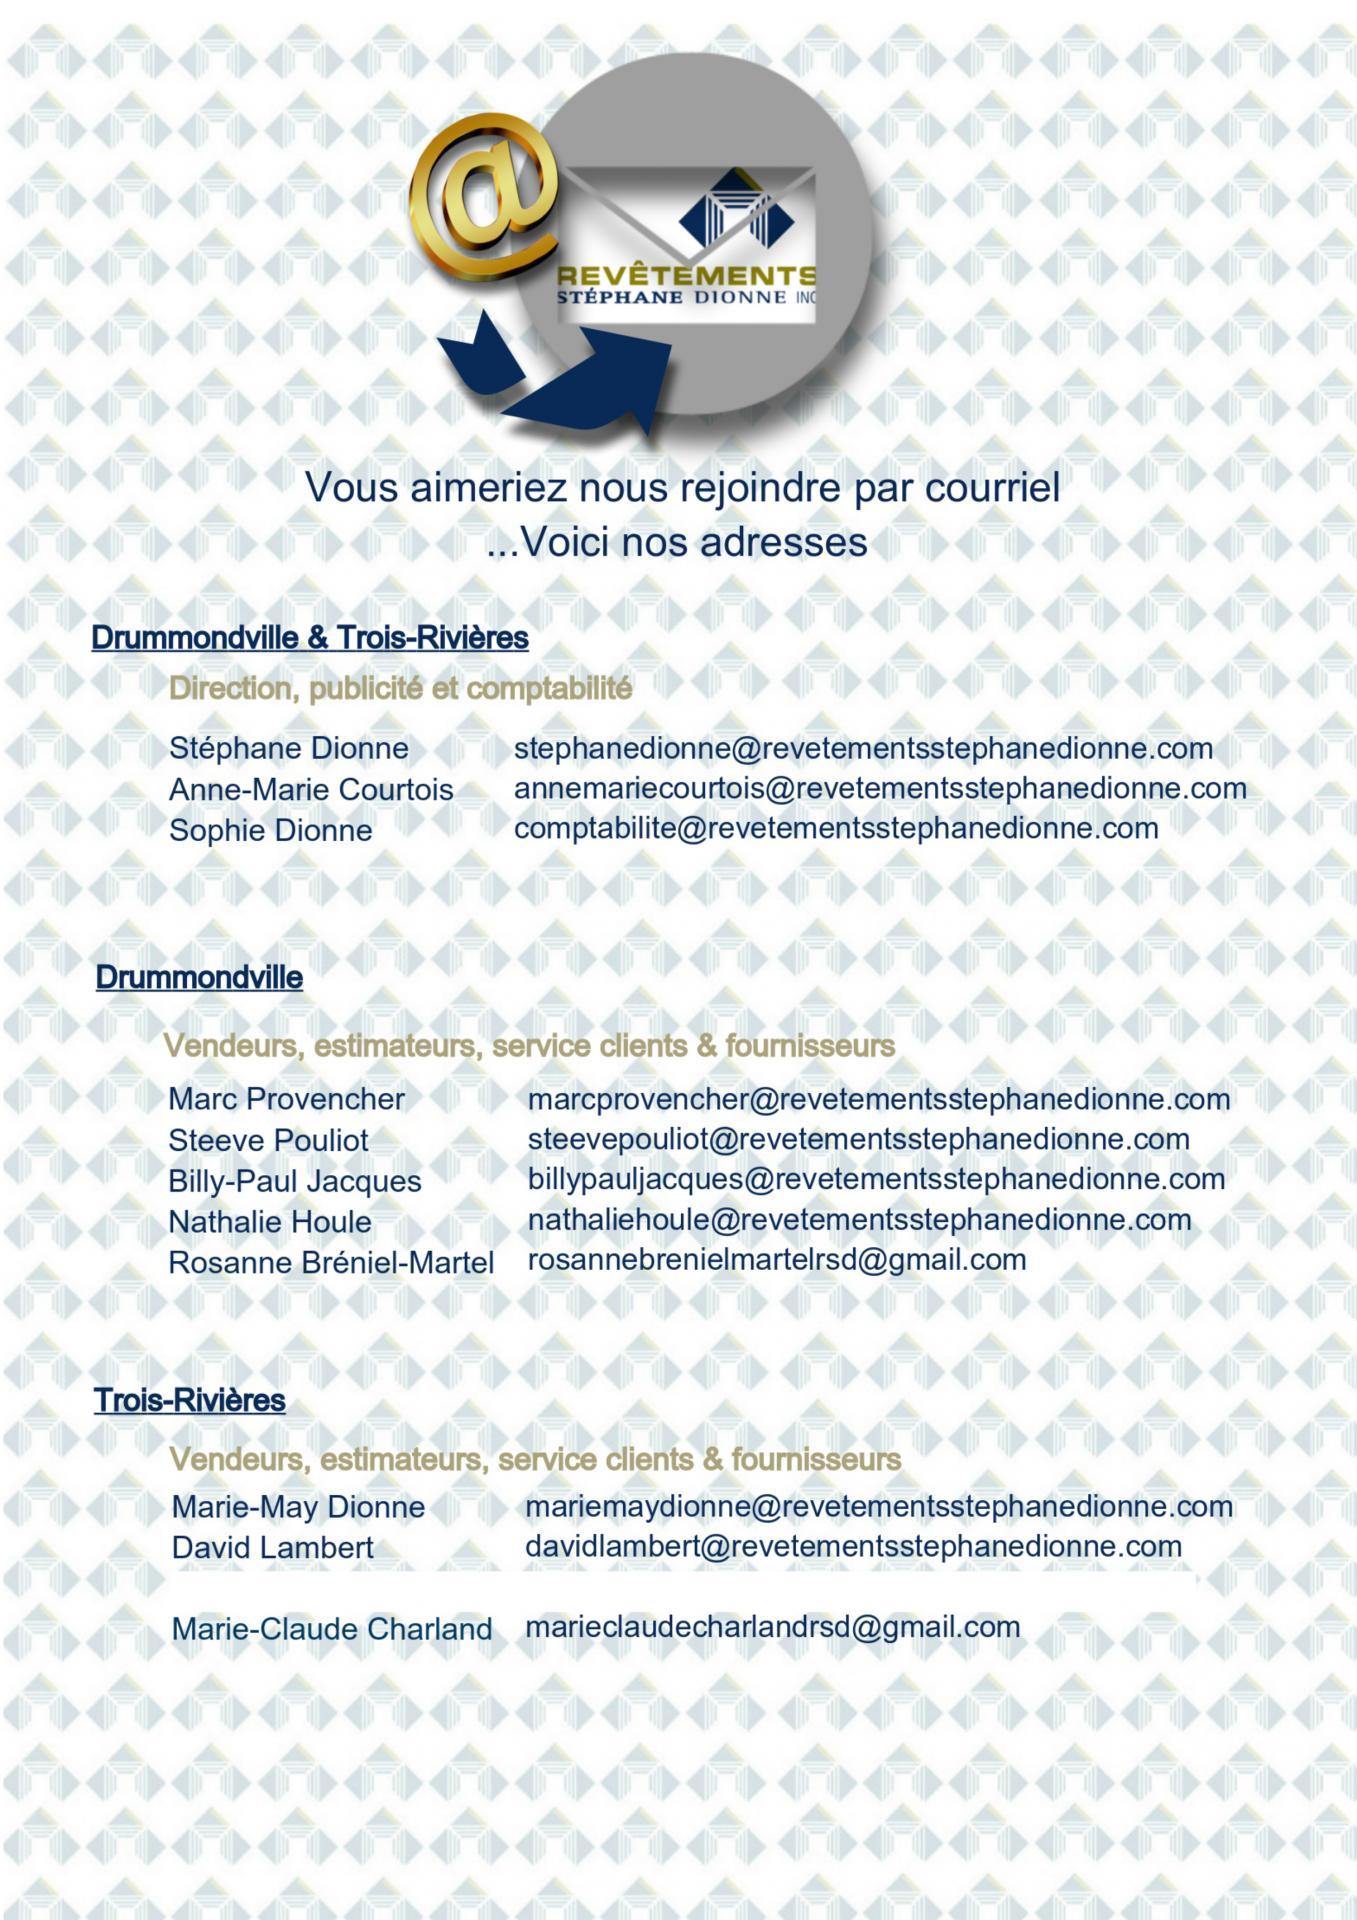 Adresses de courriels MAJ 03 03 2021